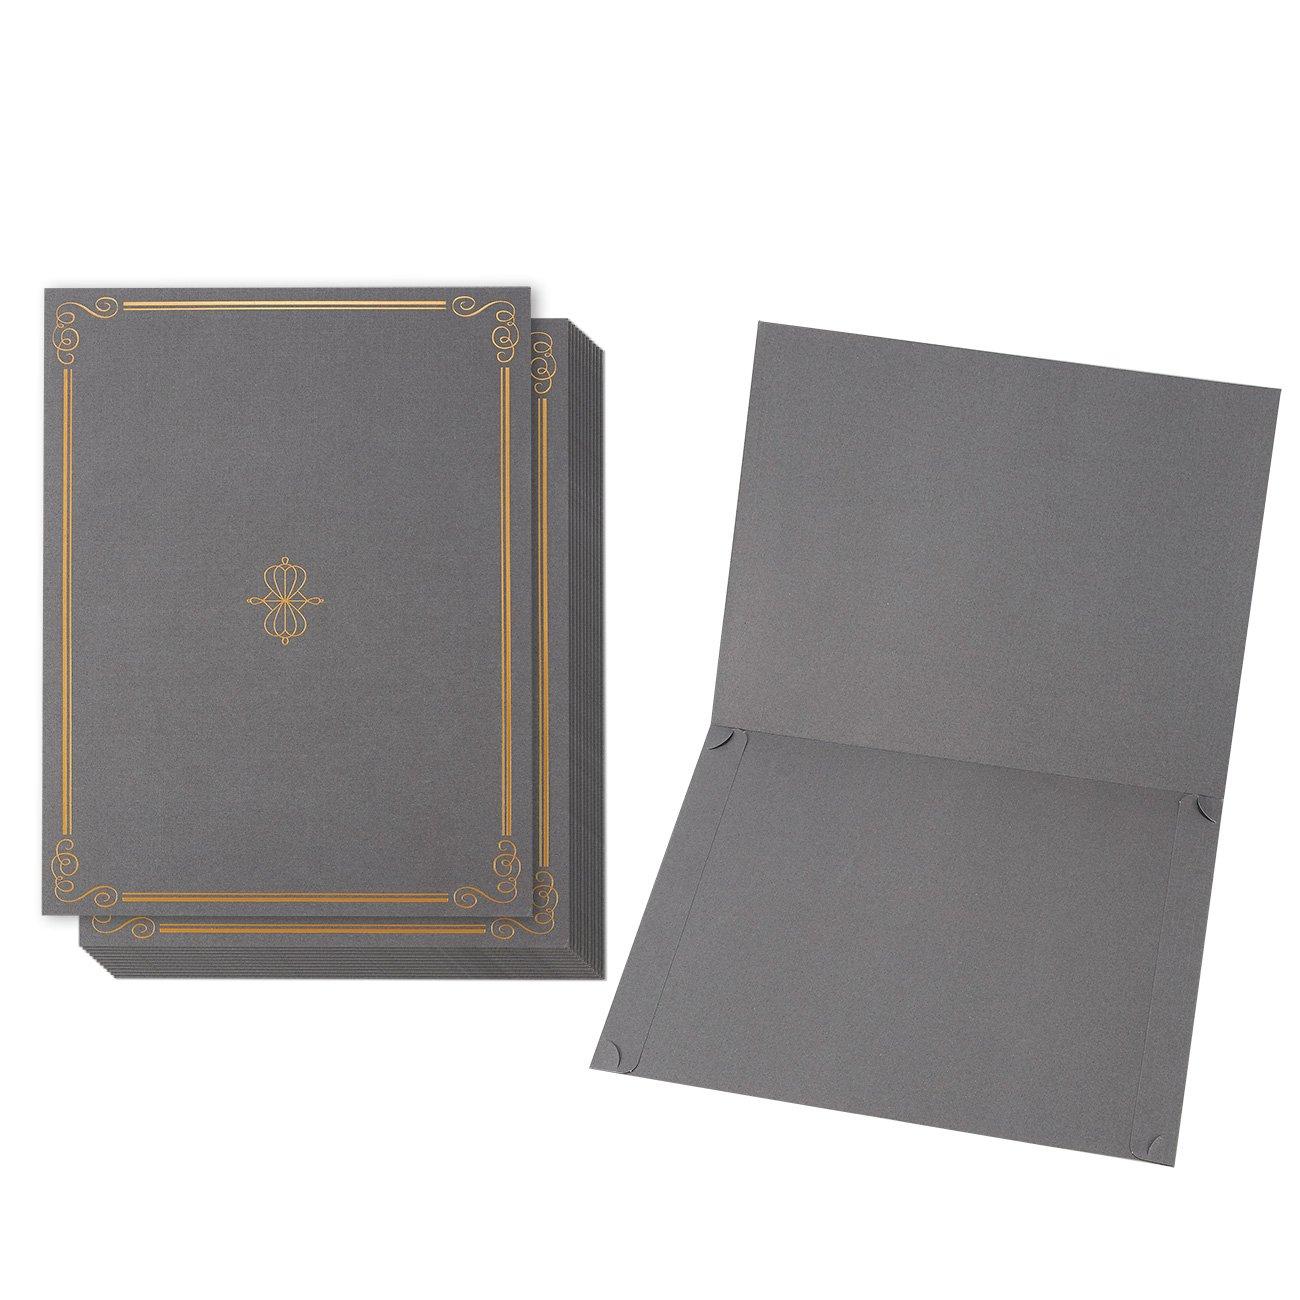 12-pack certificate Holder–diploma di documento, copertura per letter-sized Award certificati, grigio chiaro, lamina d' oro, 28,4x 22,4cm lamina d' oro Juvale